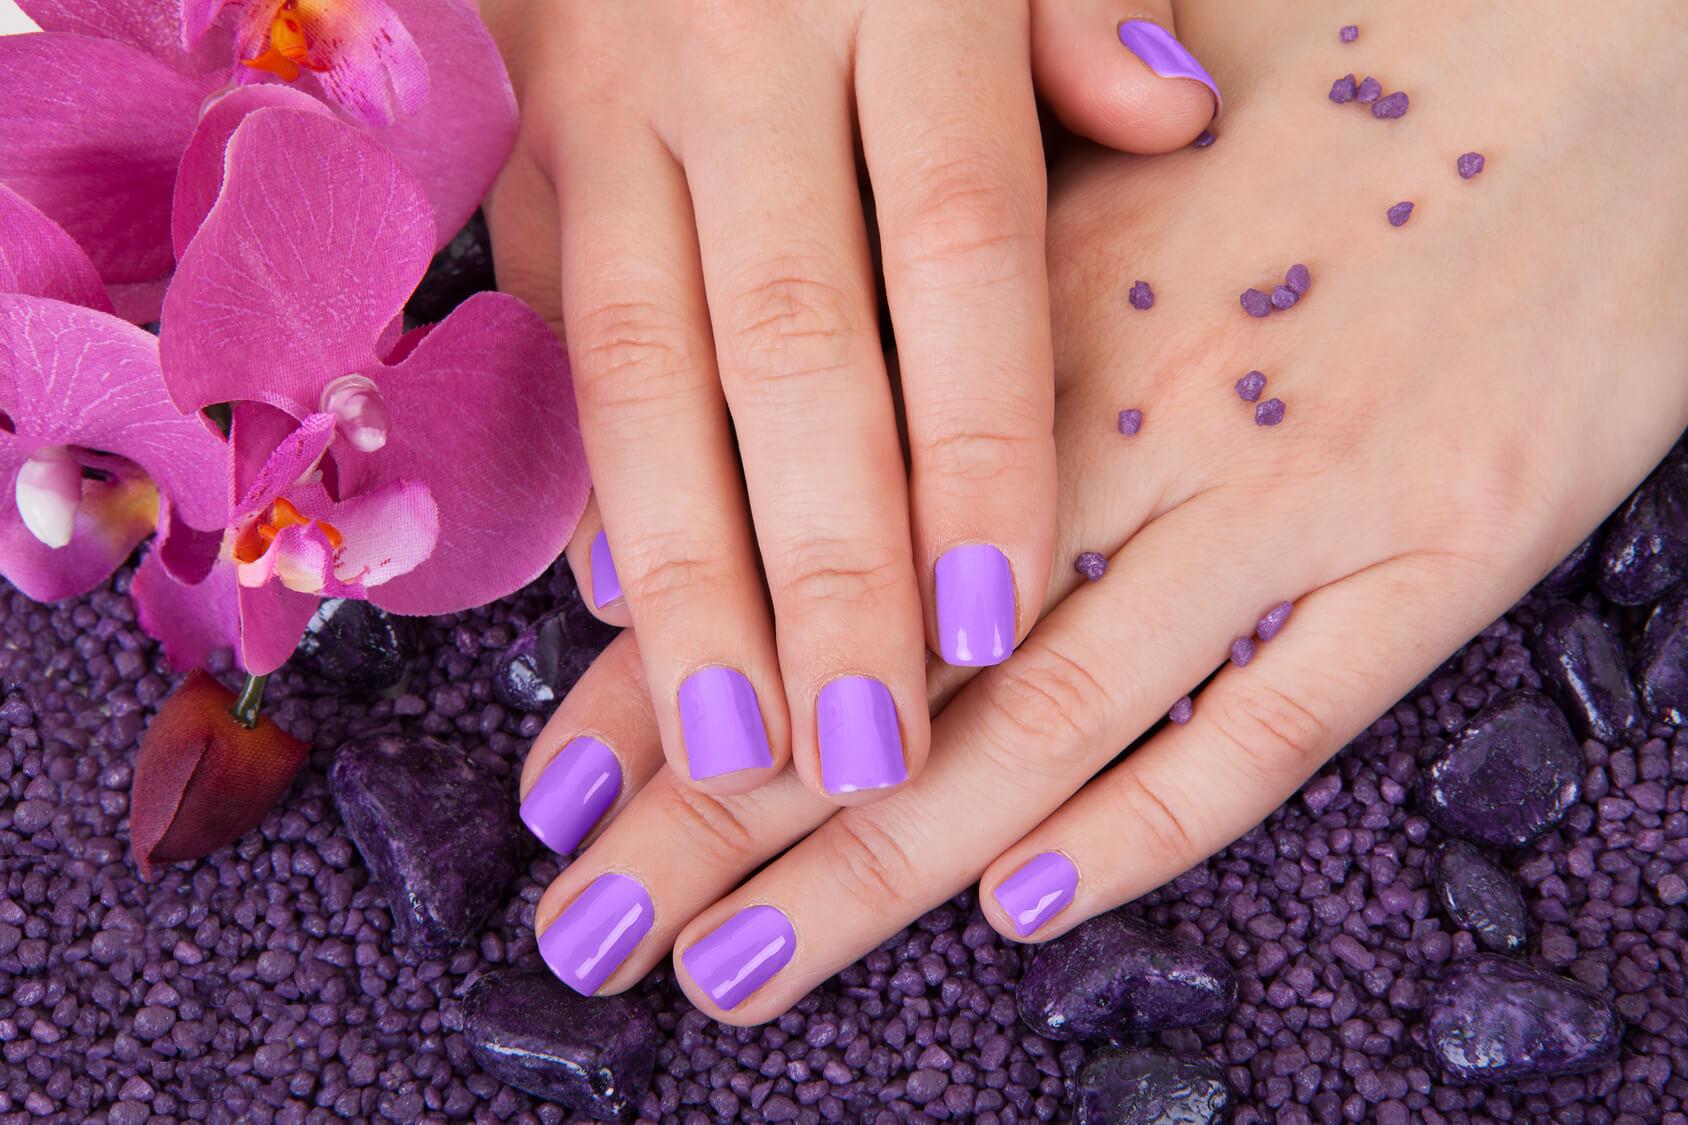 фотографии ногтей в хорошем разрешении вспомнились лекции клинической